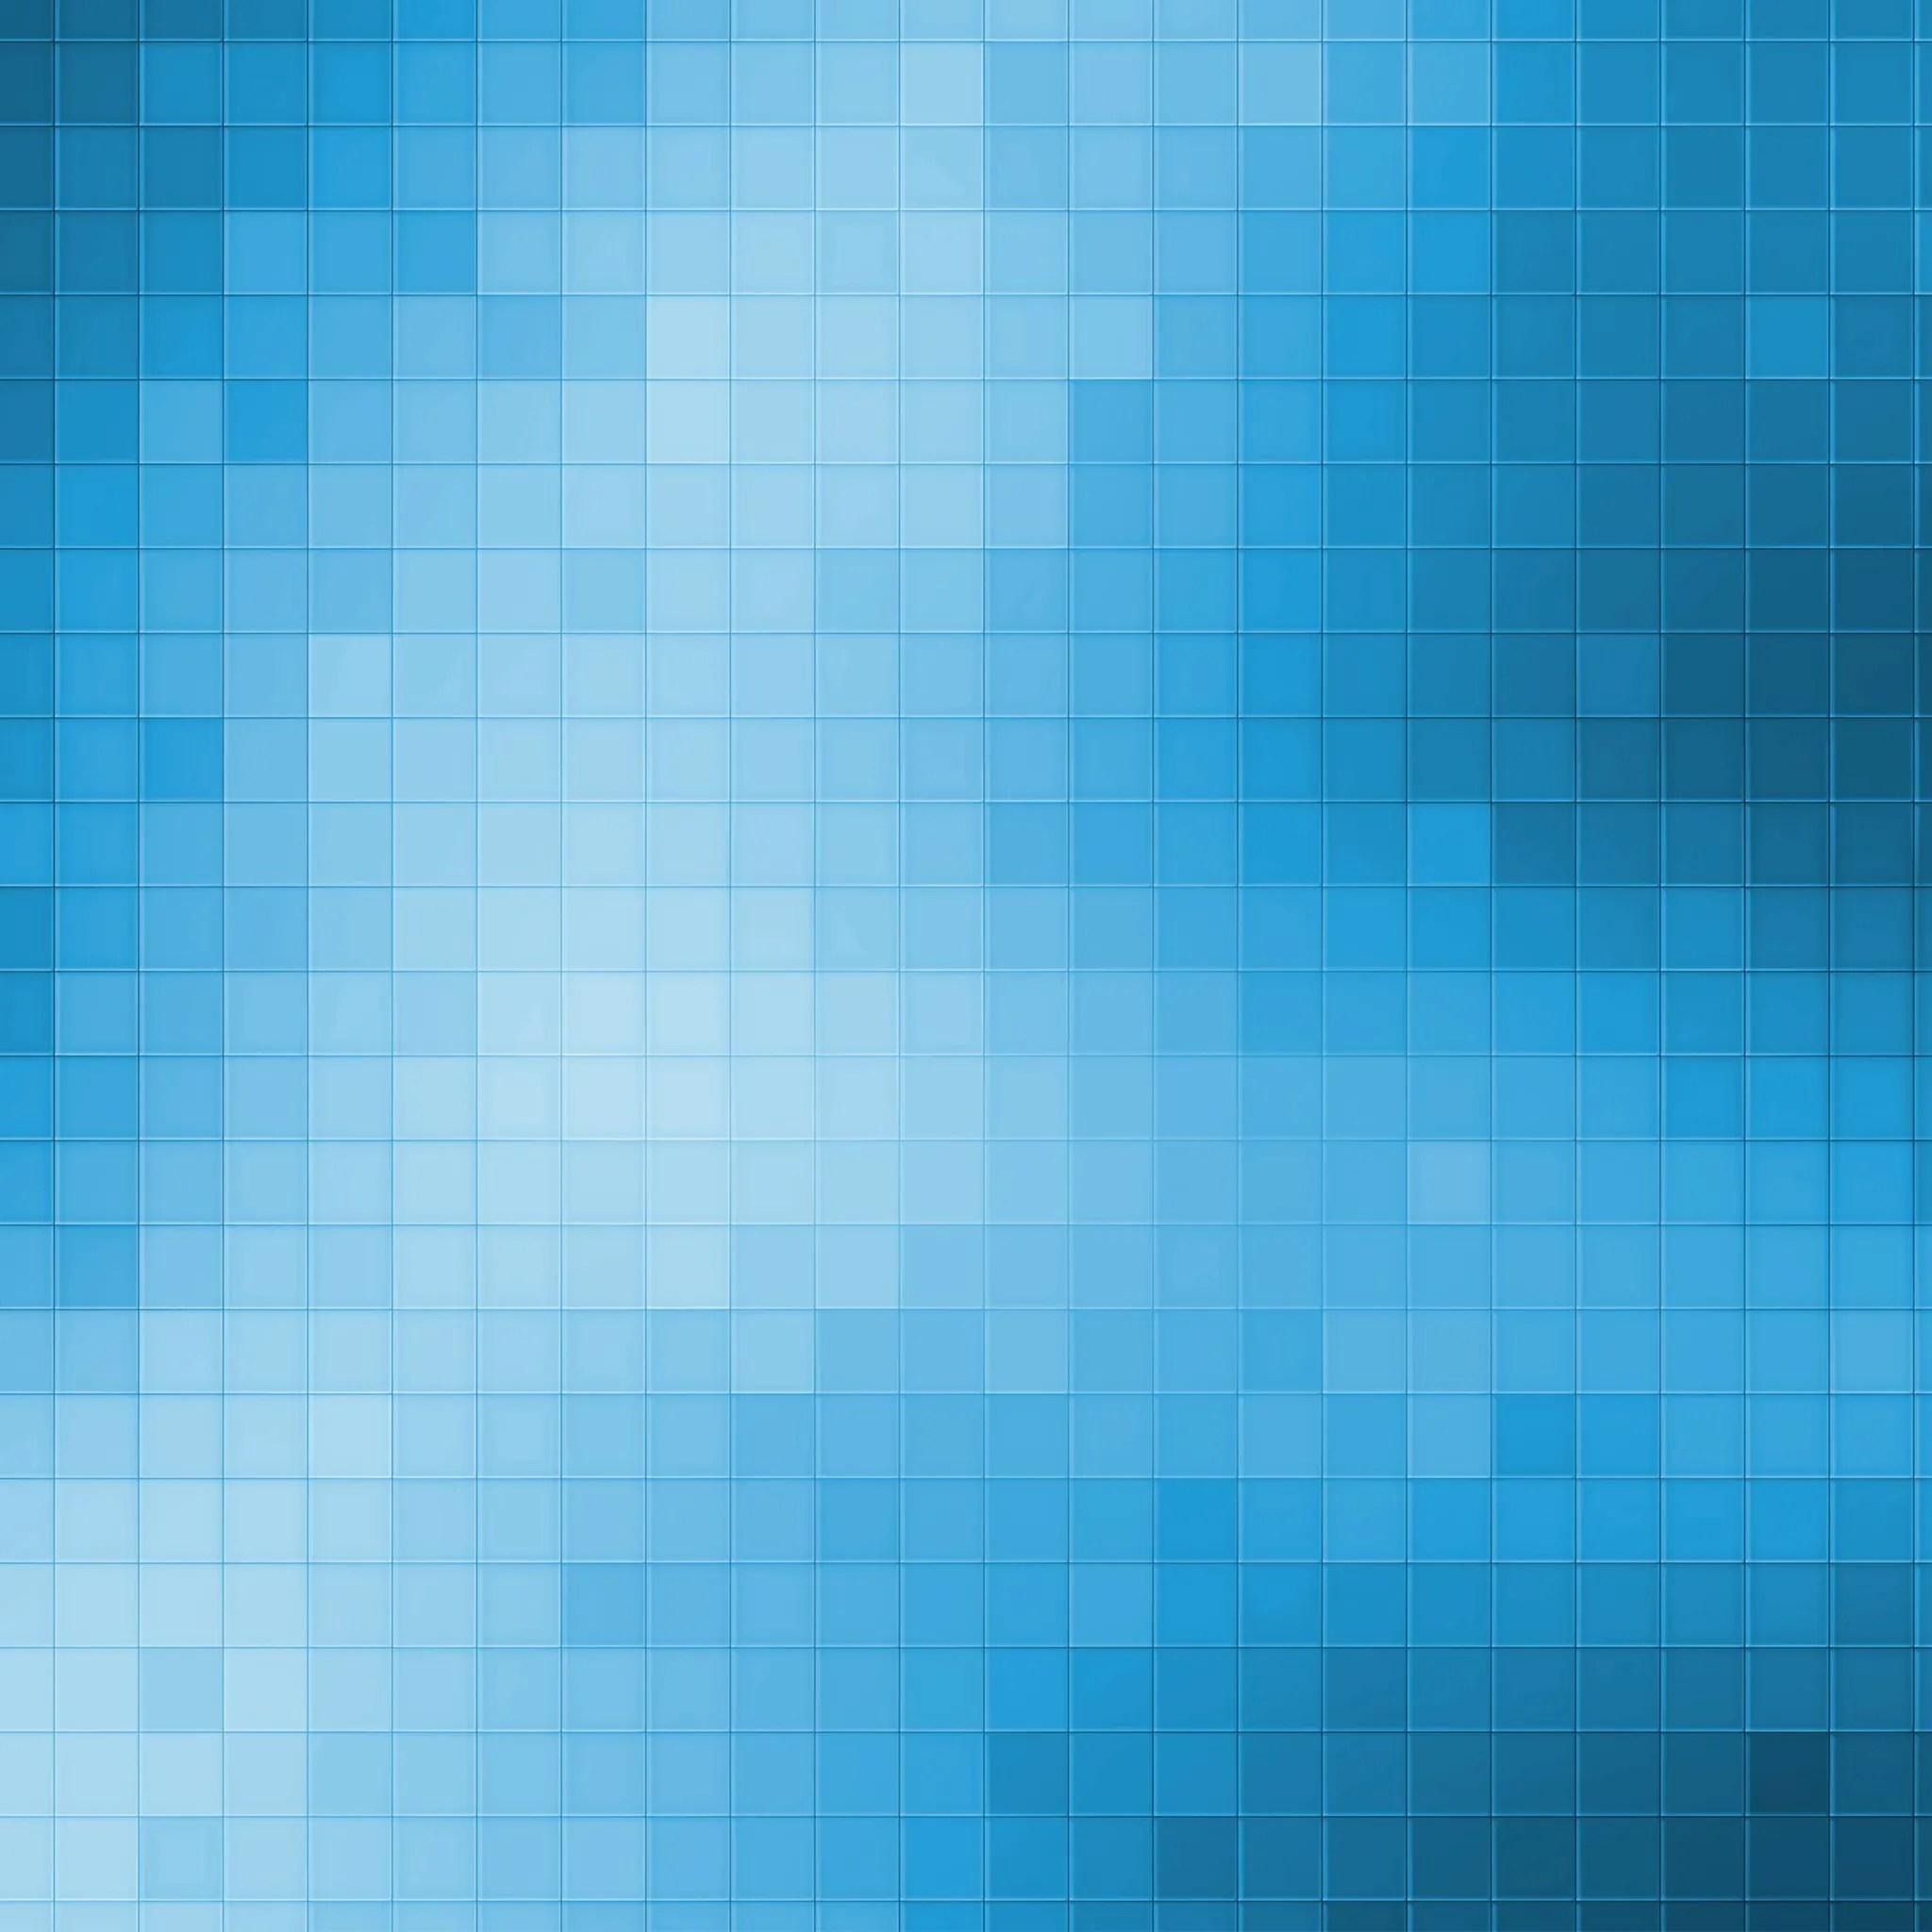 Blue Pixels 3Wallpapers iPad Blue Pixels   iPad